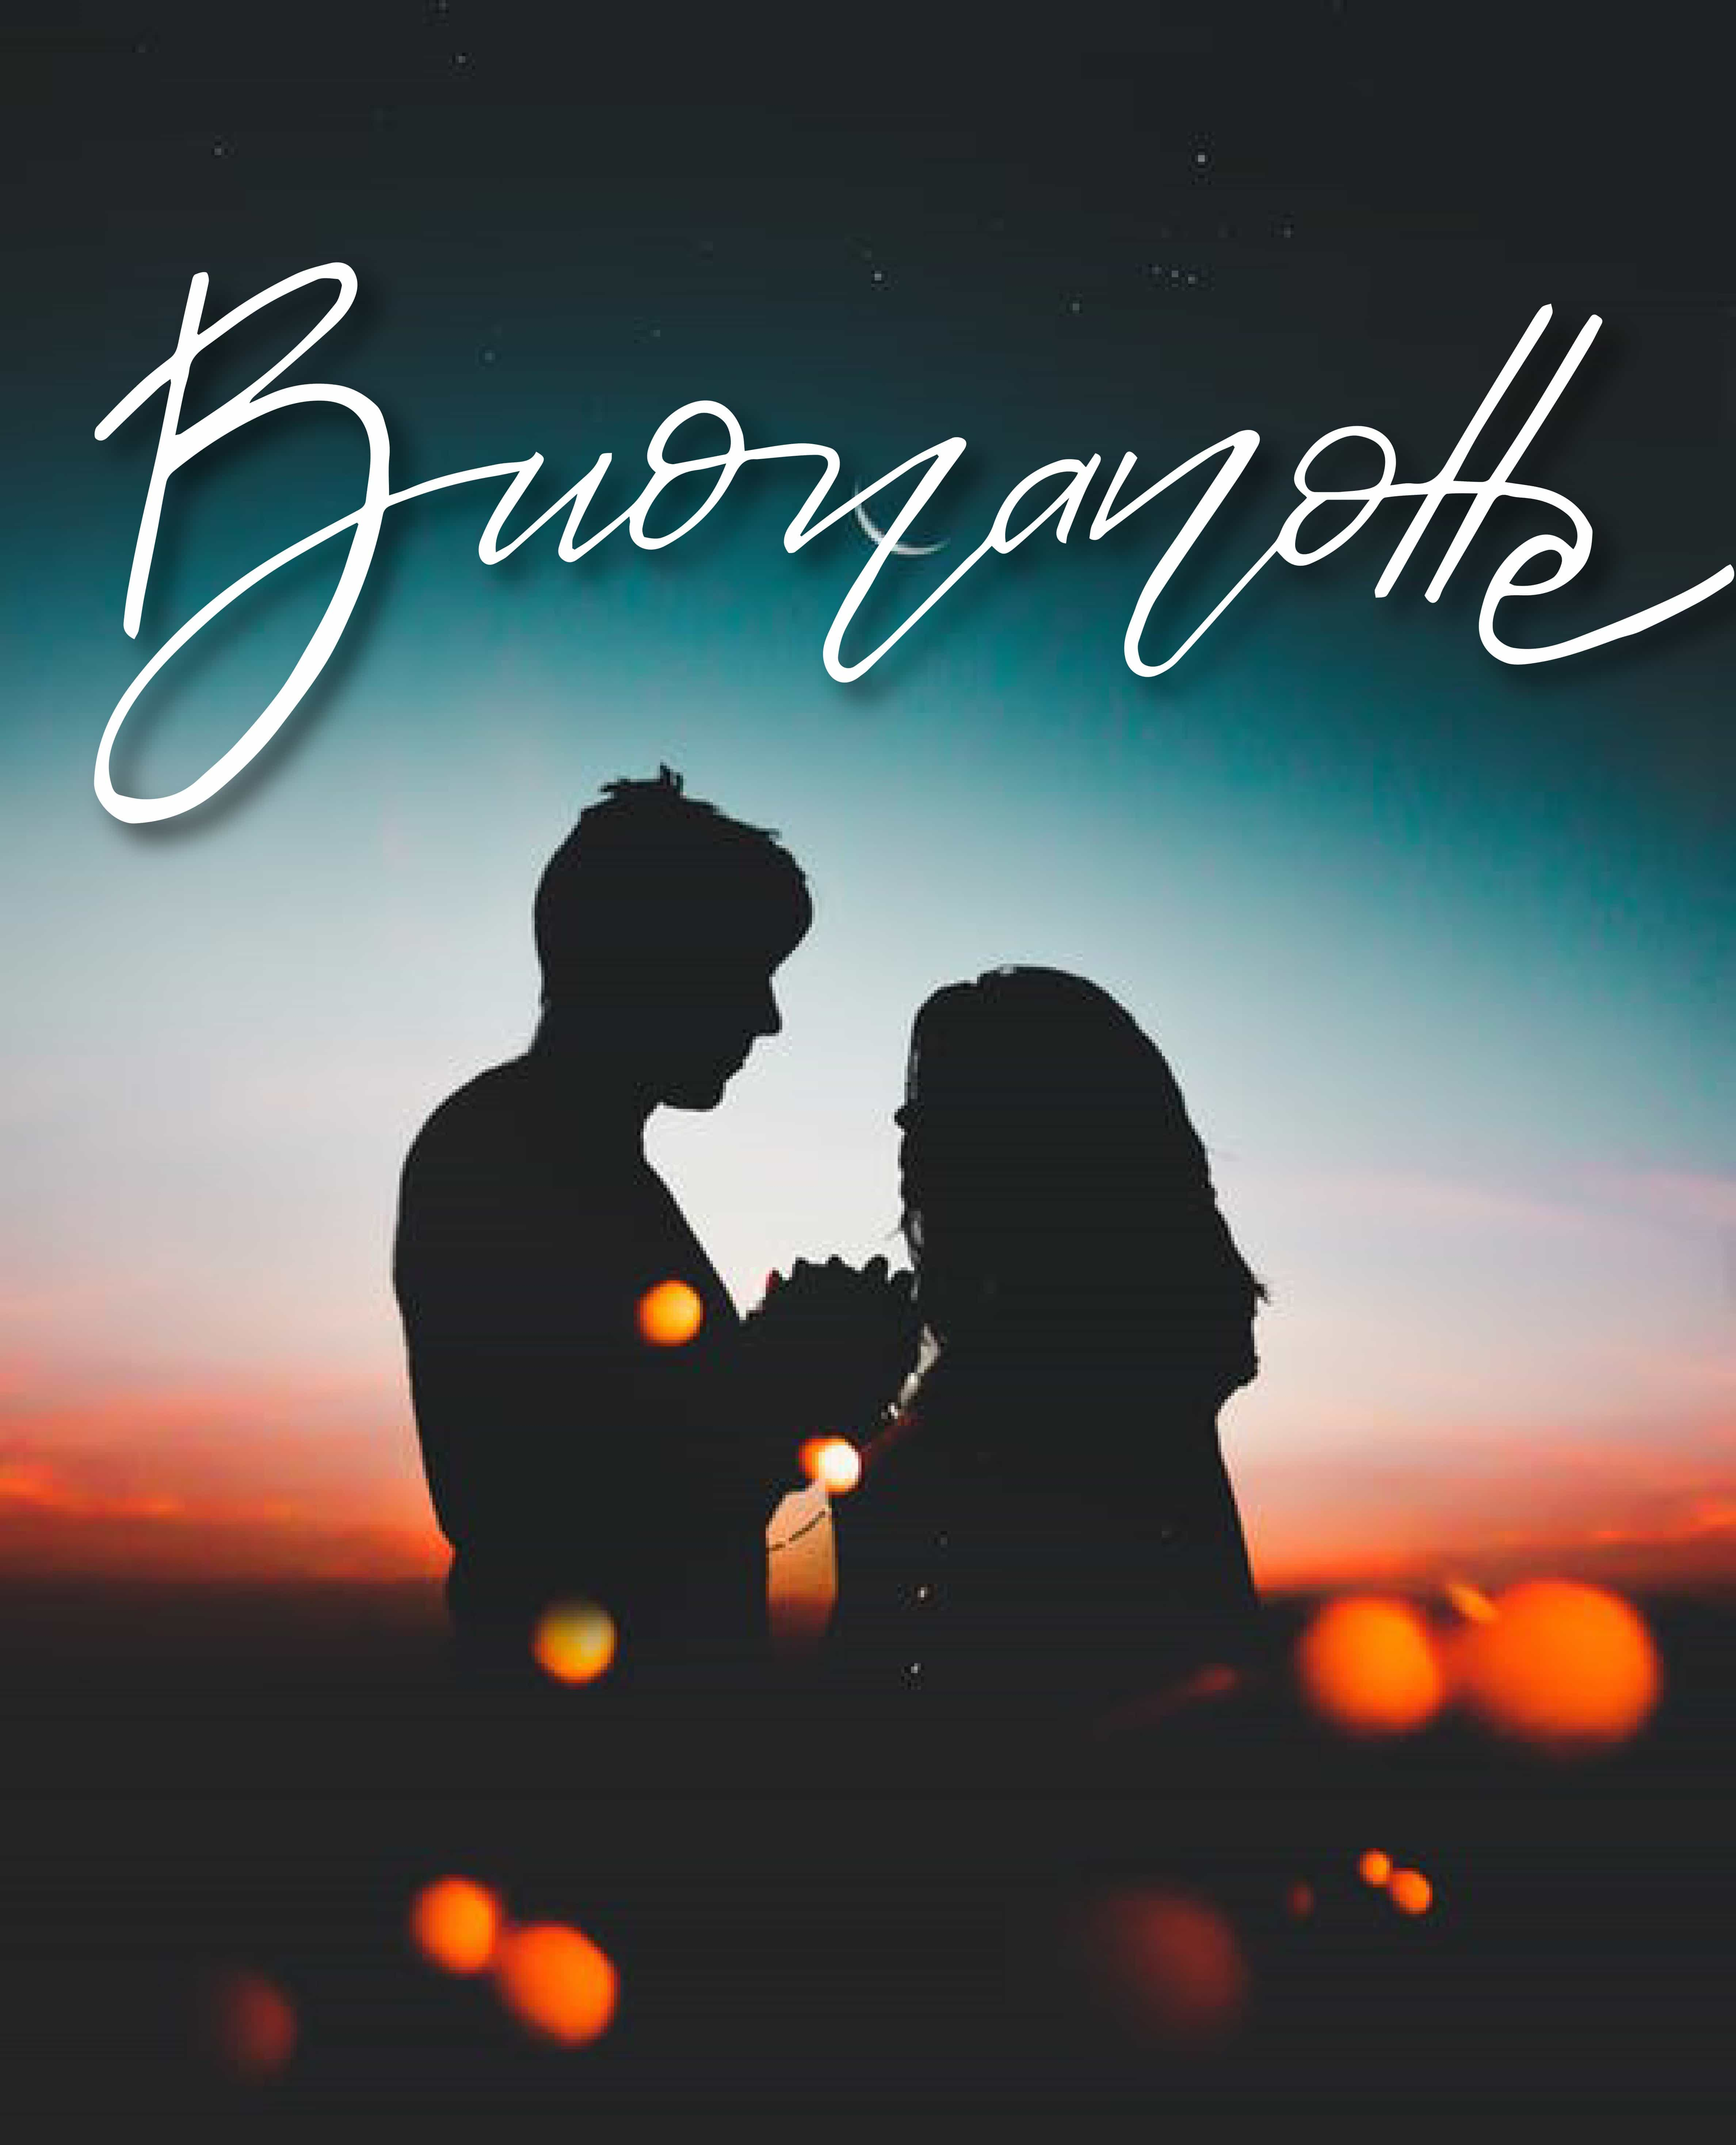 Immagini Buonanotte Romantiche Foto 2 Foto Nuove Da